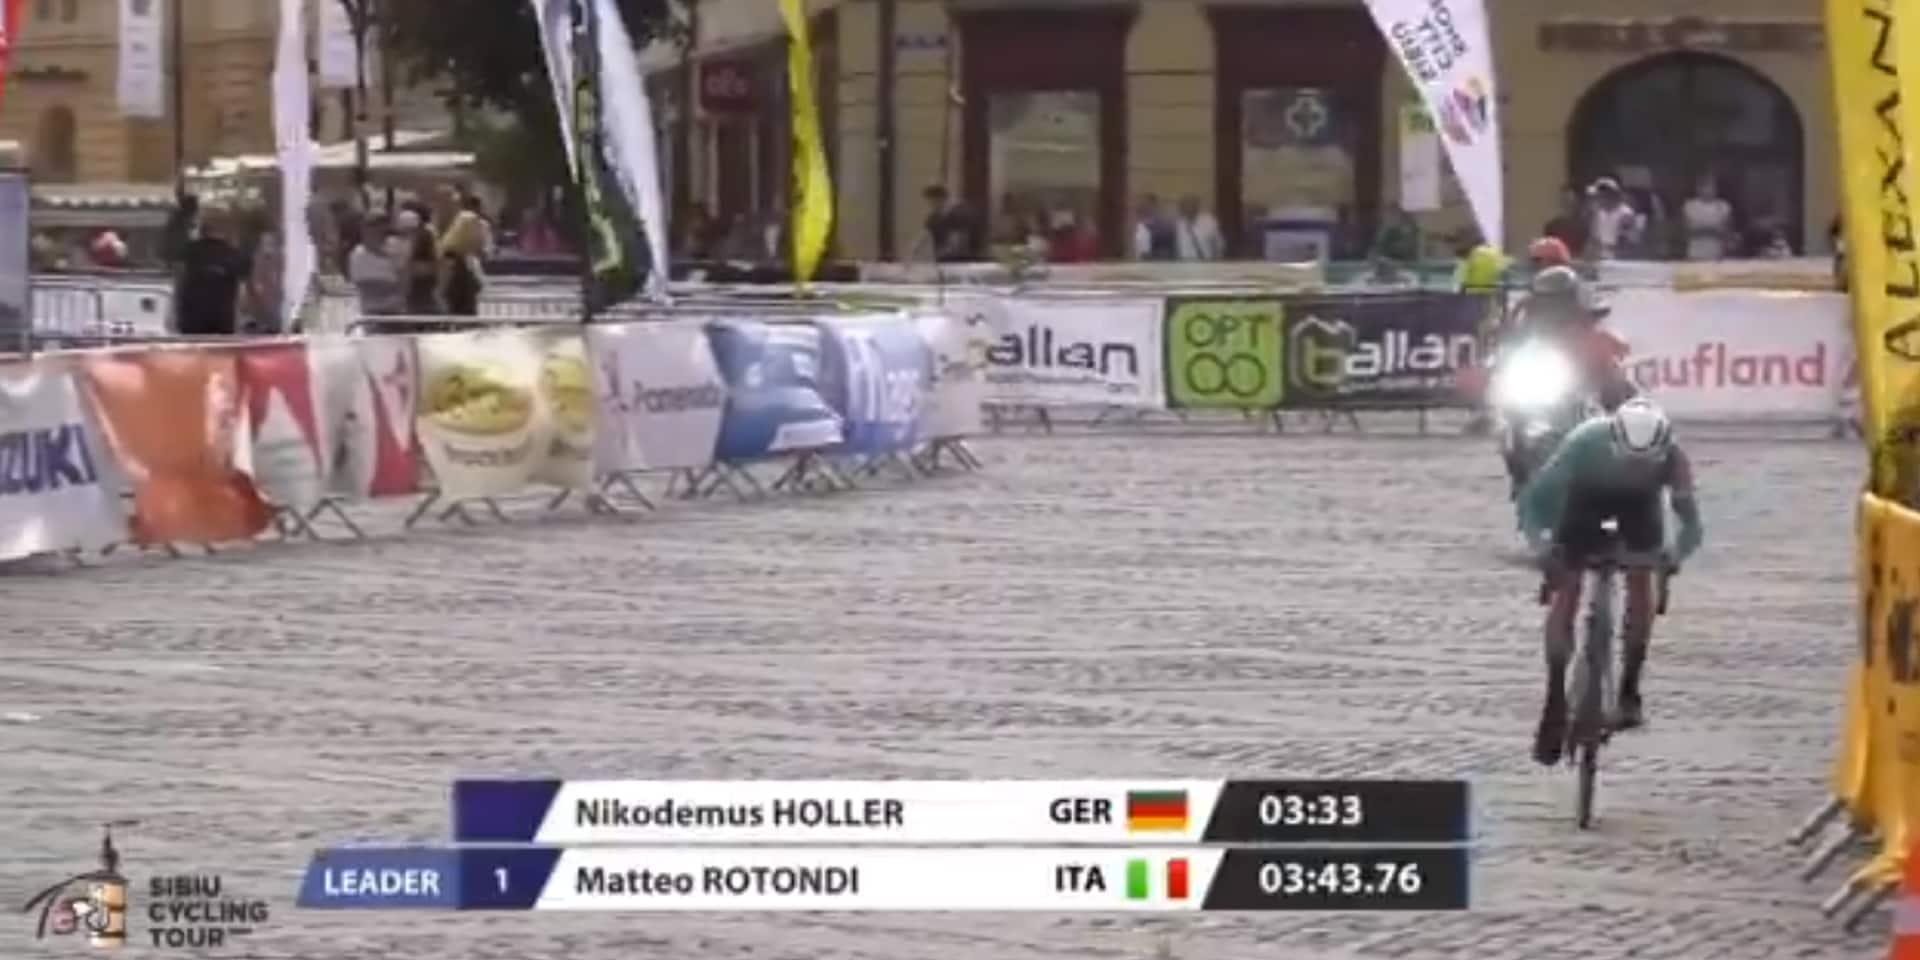 Tour de Sibiu: l'Allemand Nikodemus Holler vainqueur du prologue